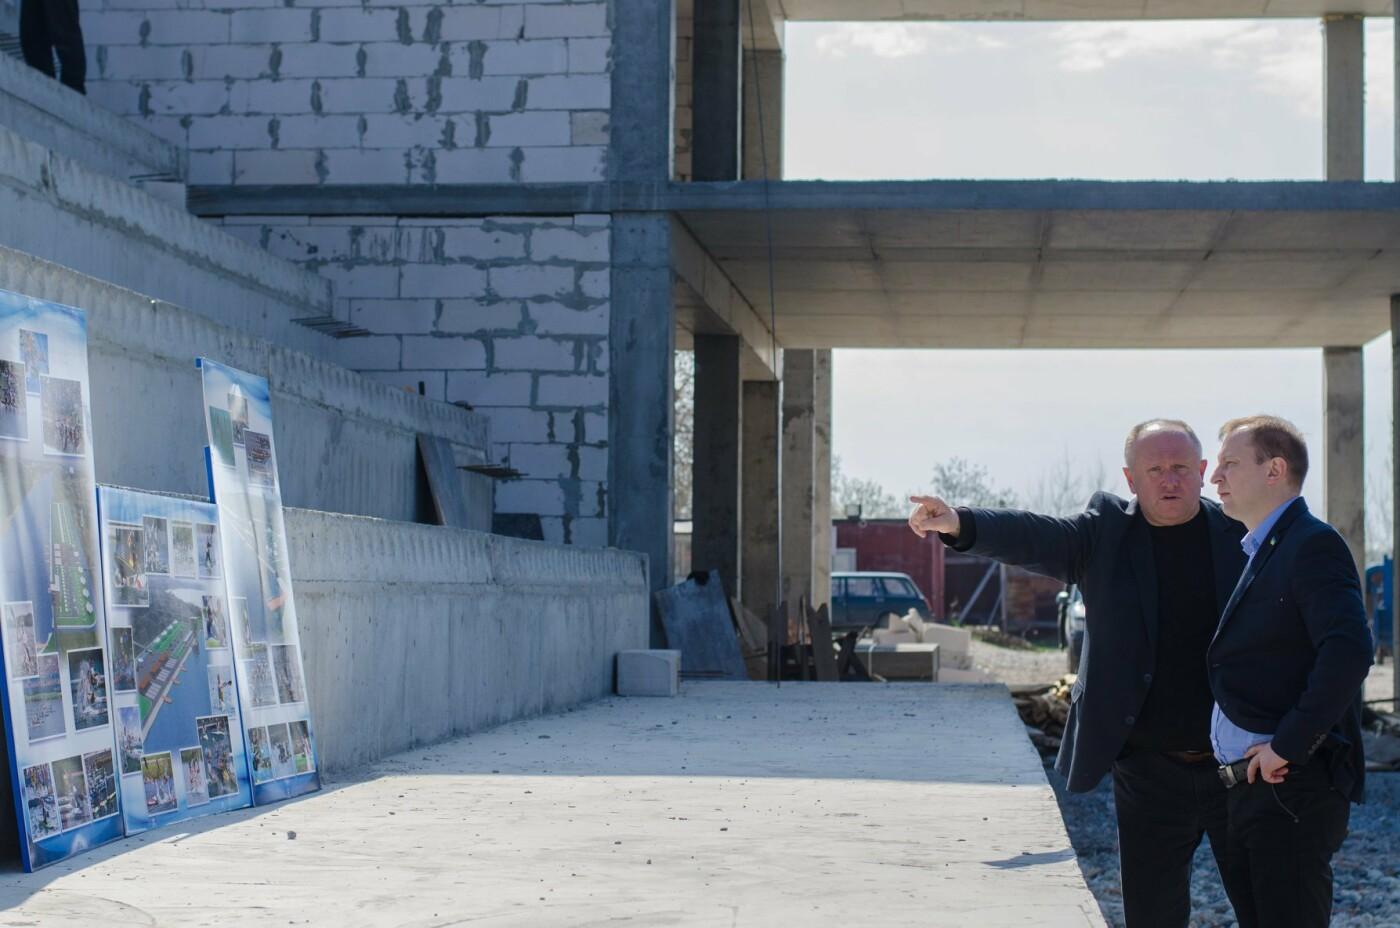 Майже 17 млн грн спрямують цього року на будівництво «Водної арени Тернопіль» (фото, відео), фото-2